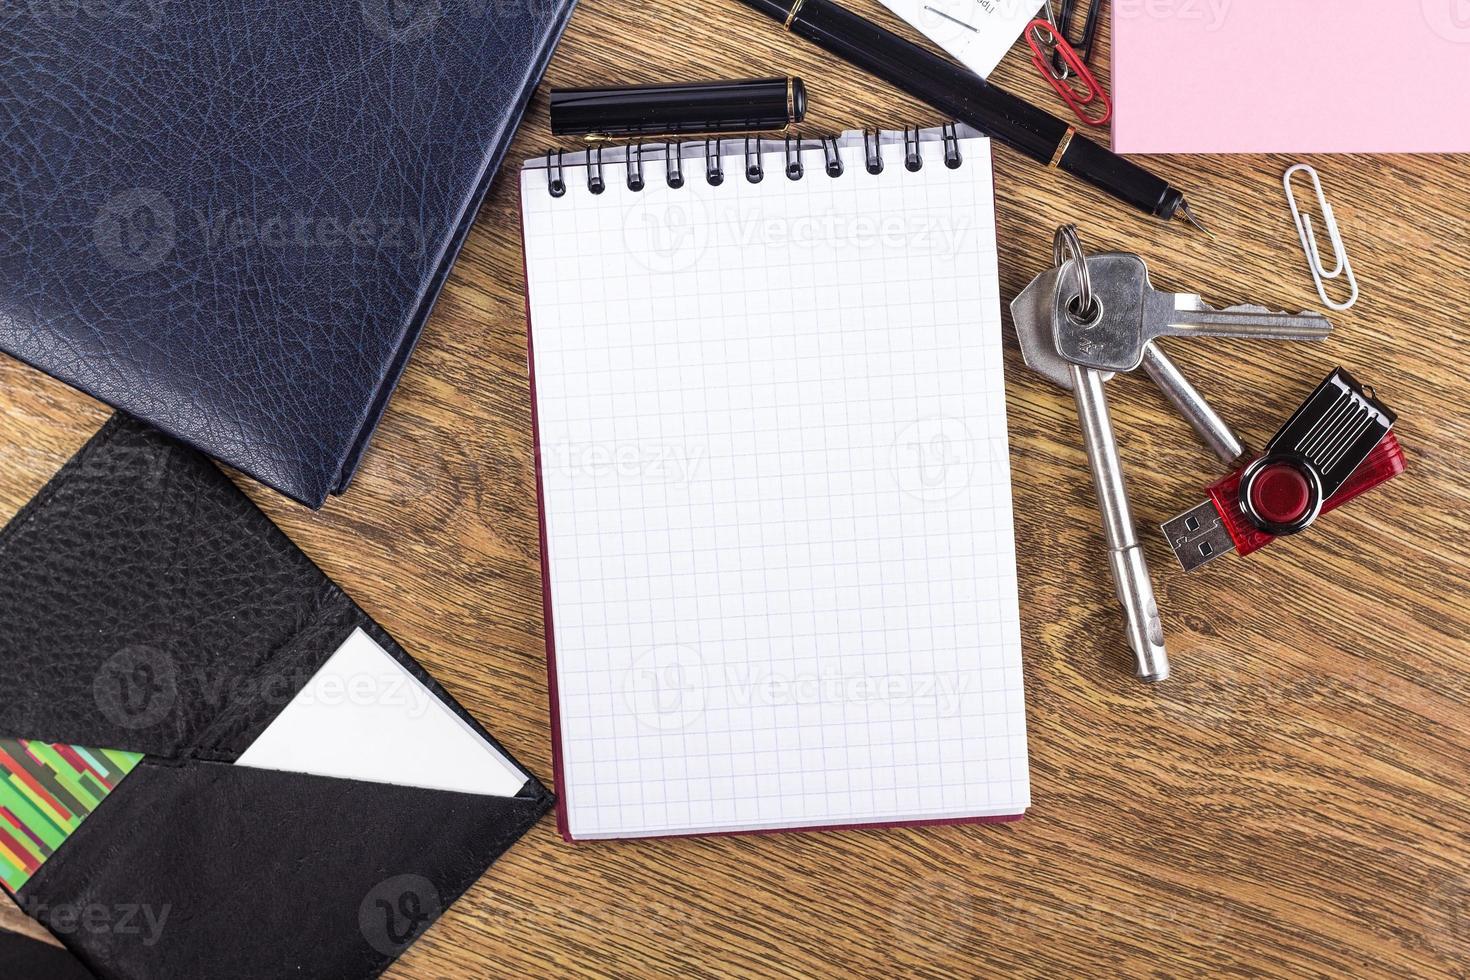 notitieblok geopend op lege pagina op houten bureaublad achtergrond foto